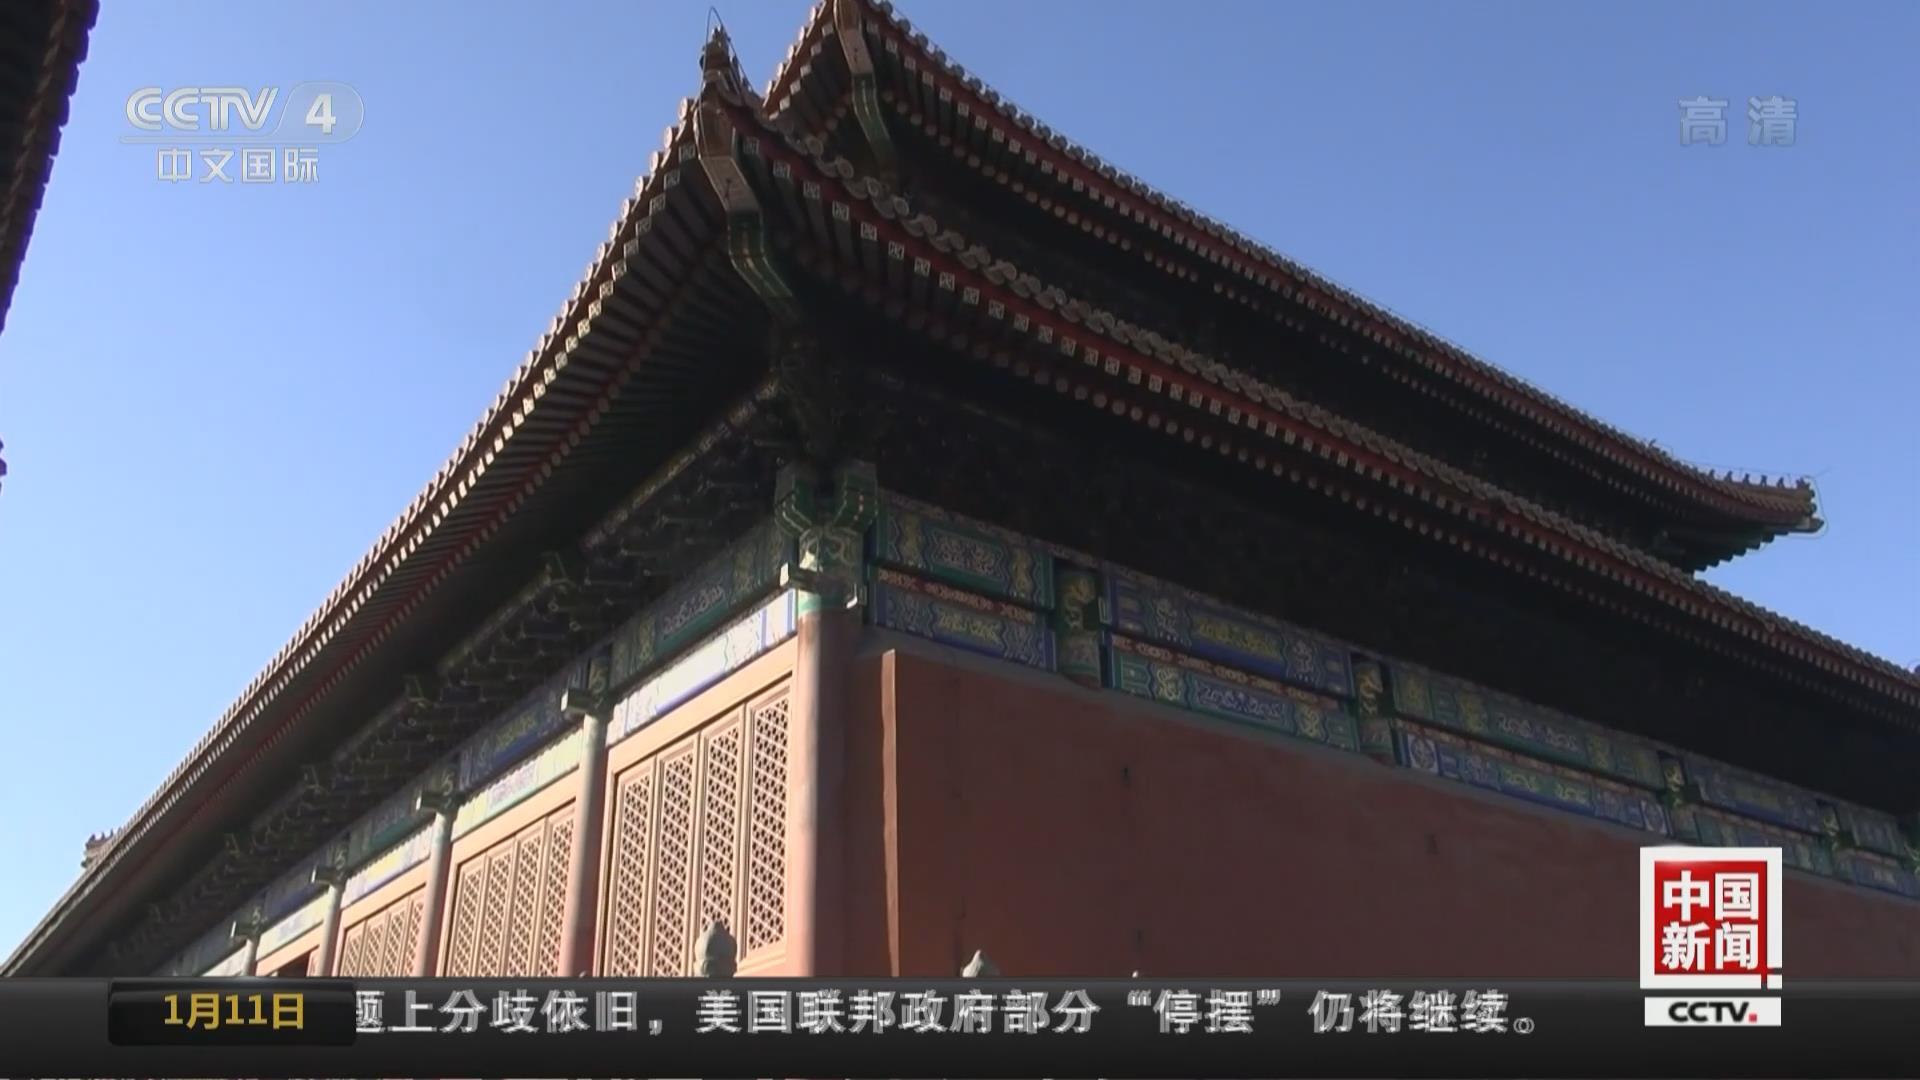 北京:歷代帝王廟啟動修繕 2020年再開放